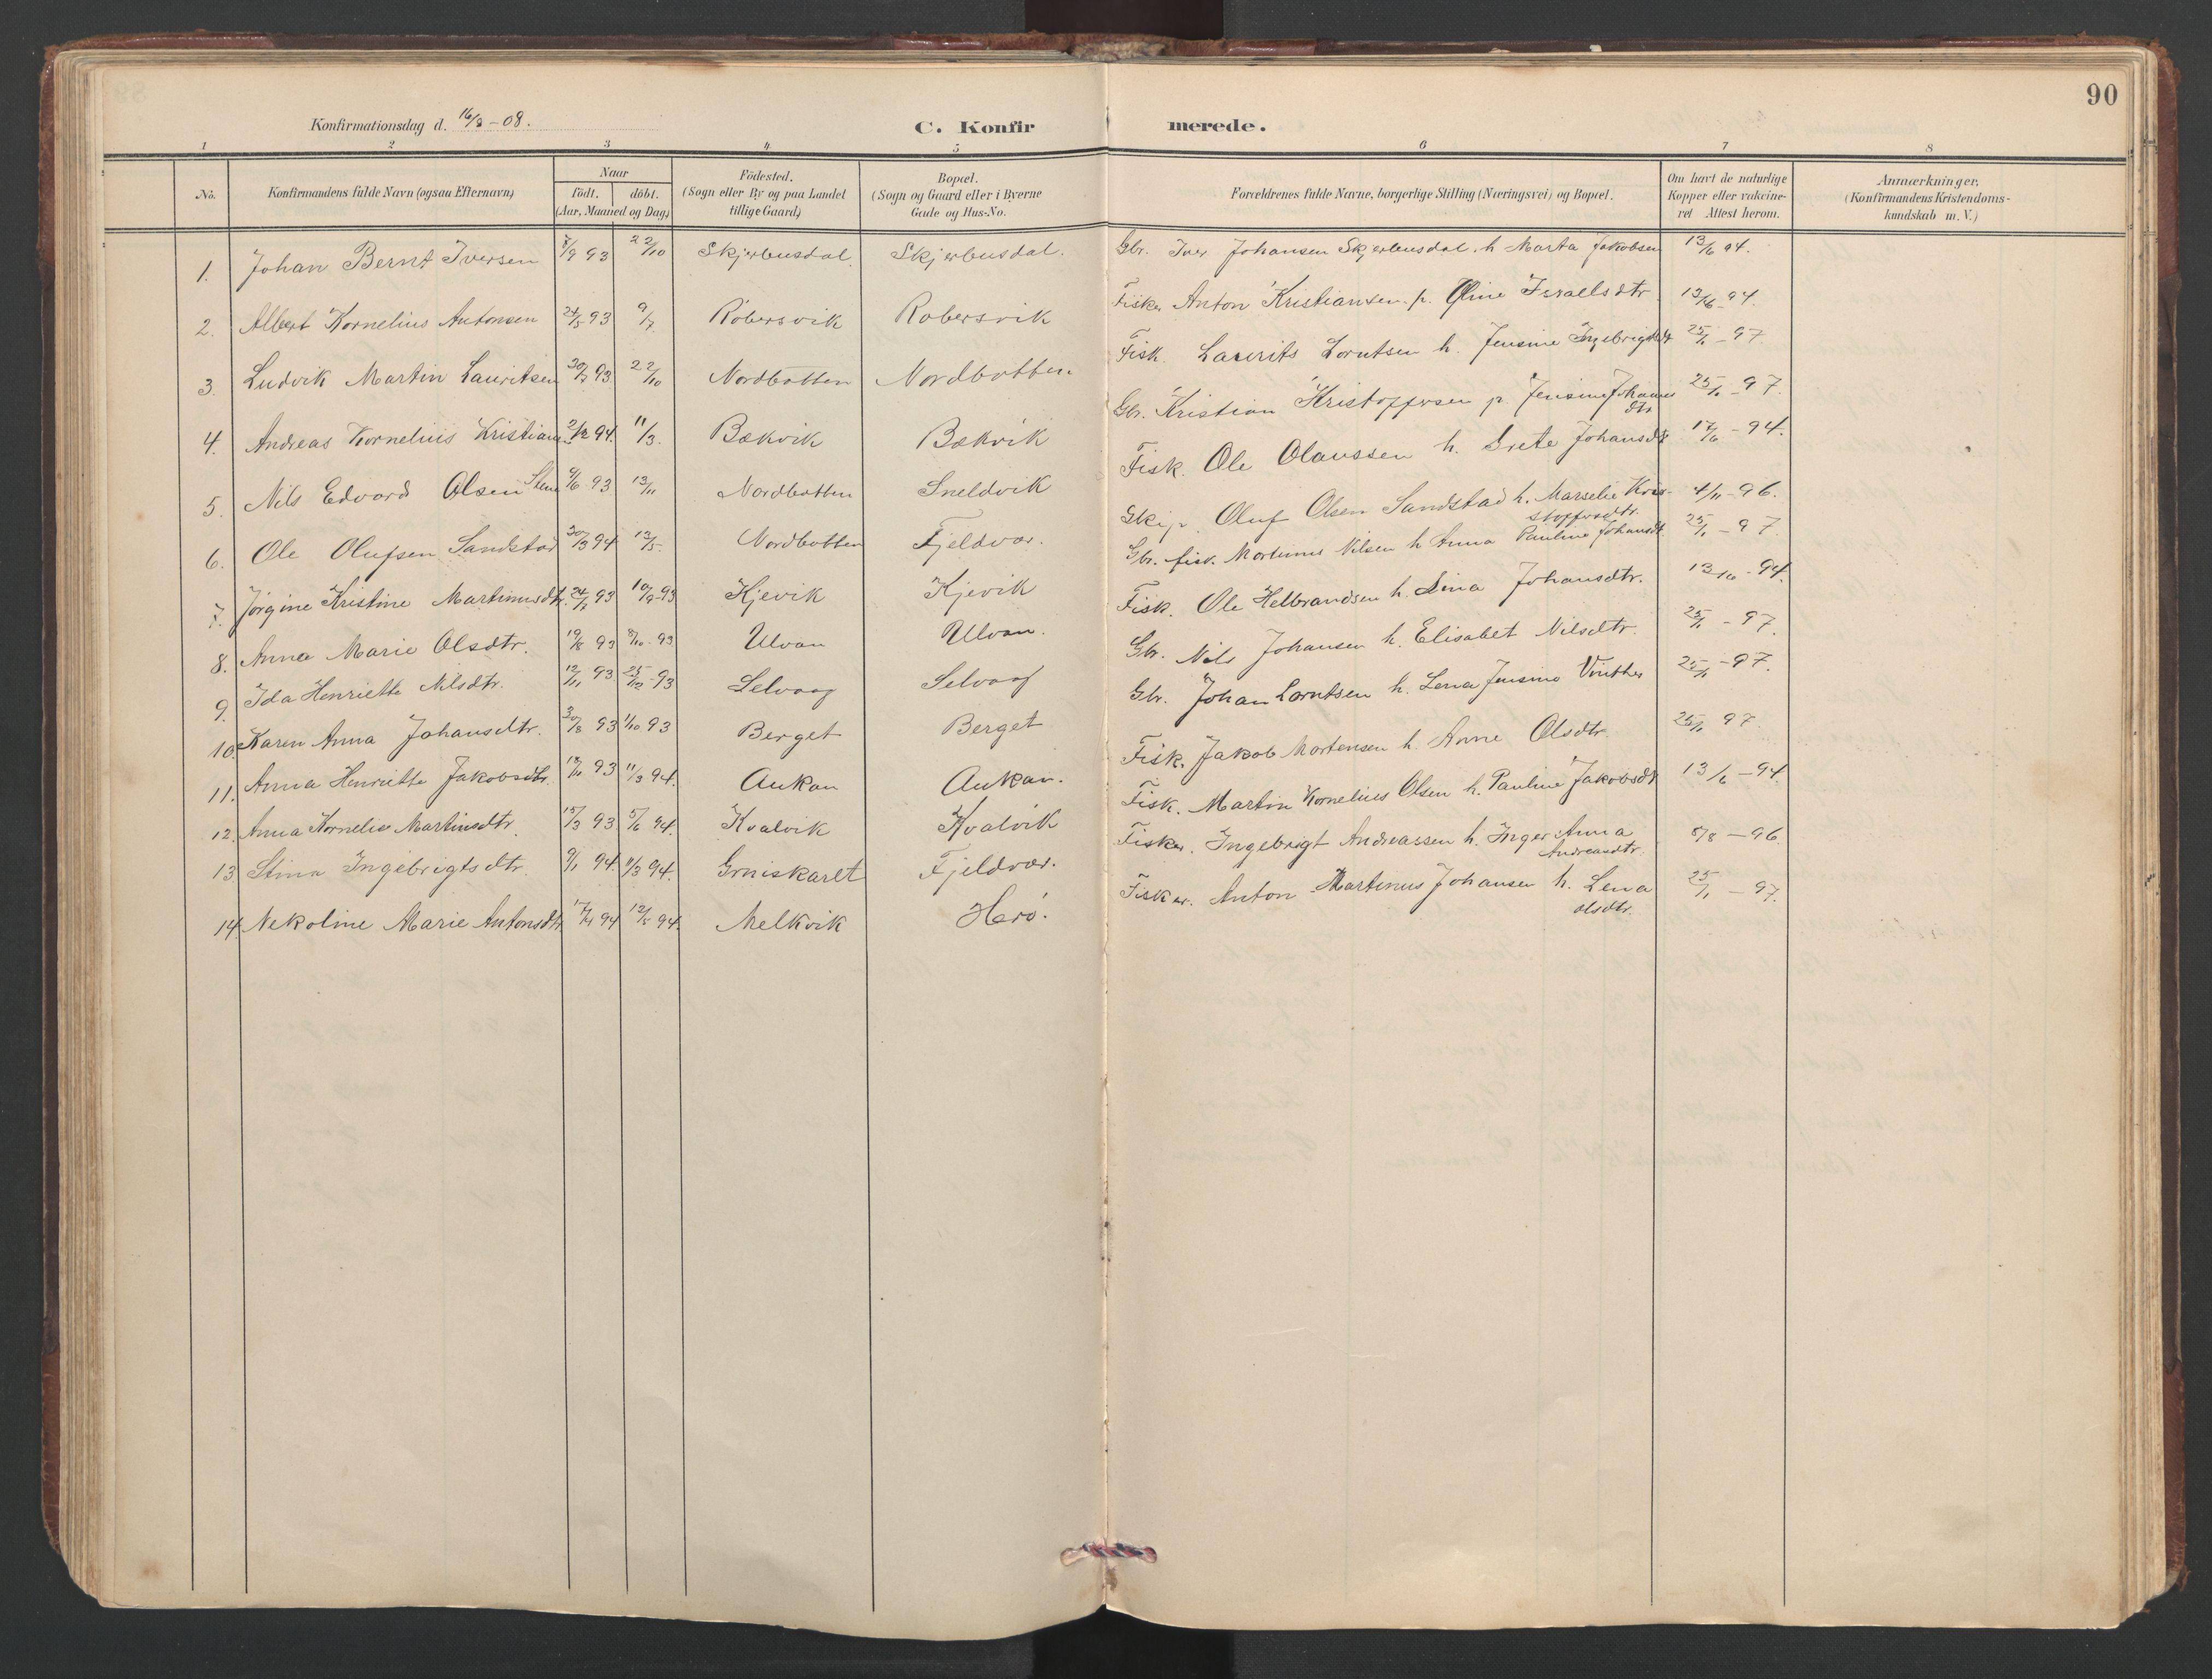 SAT, Ministerialprotokoller, klokkerbøker og fødselsregistre - Sør-Trøndelag, 638/L0571: Klokkerbok nr. 638C03, 1901-1930, s. 90